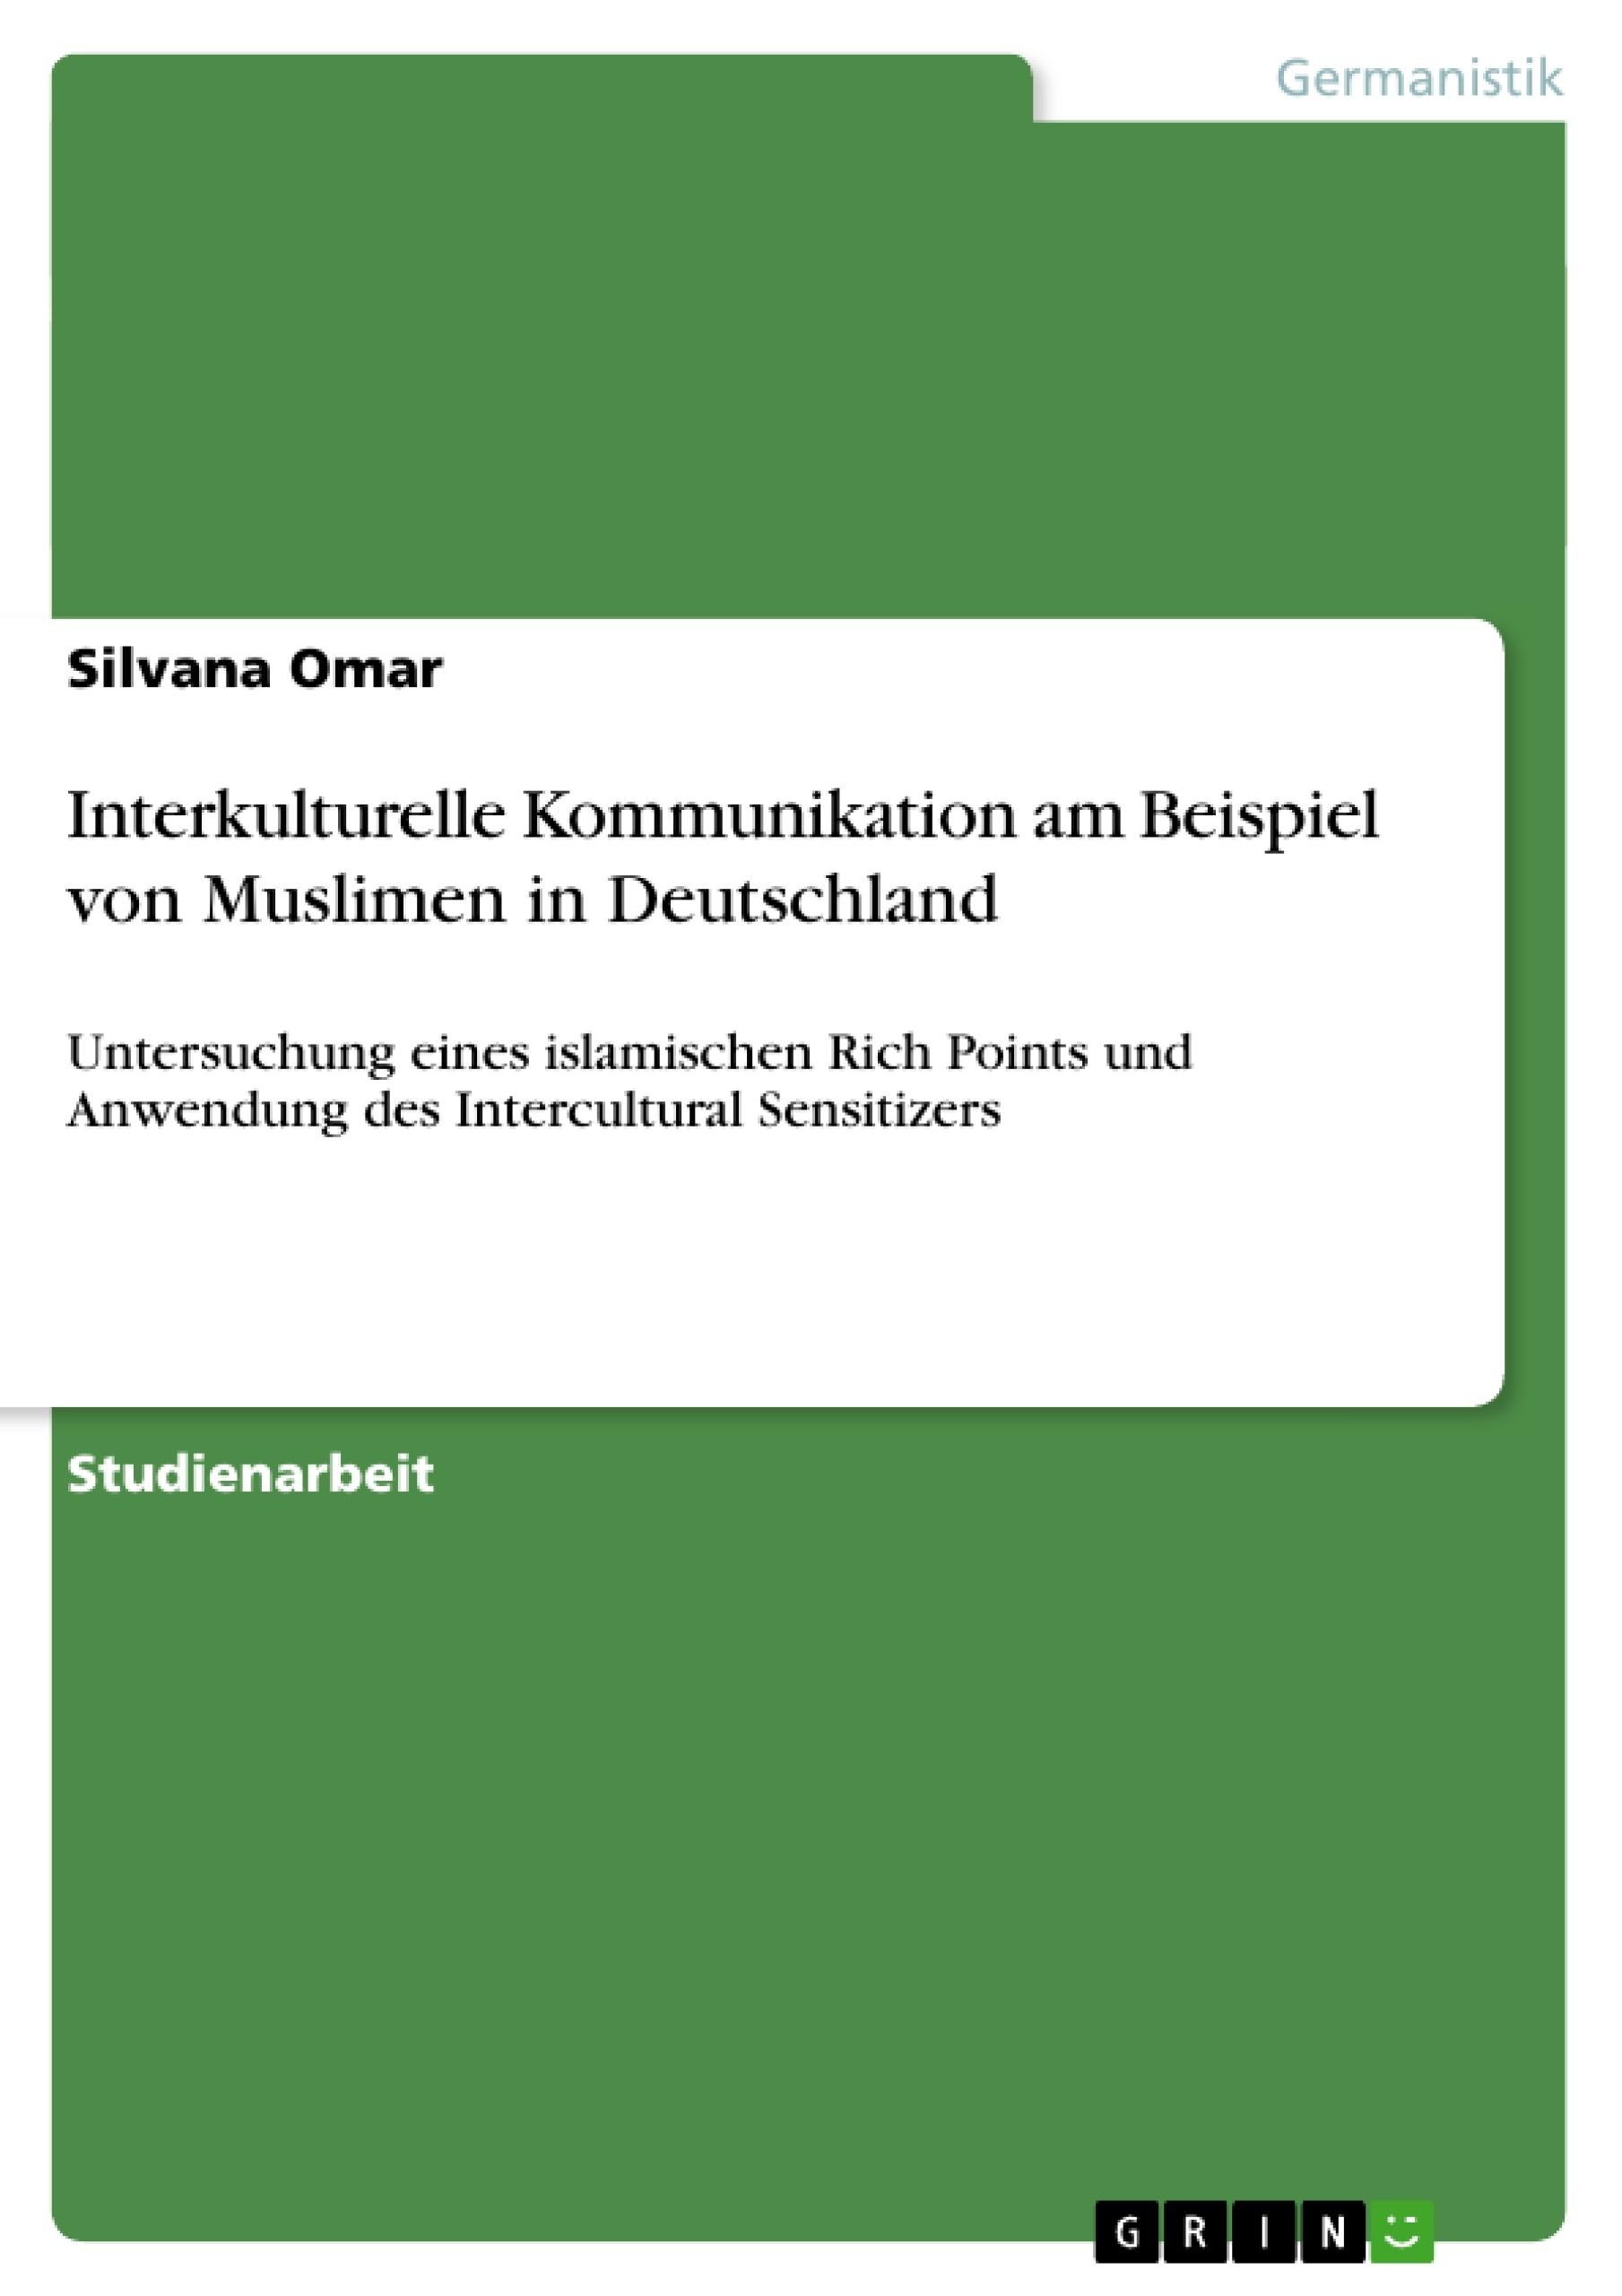 Titel: Interkulturelle Kommunikation am Beispiel von Muslimen in Deutschland